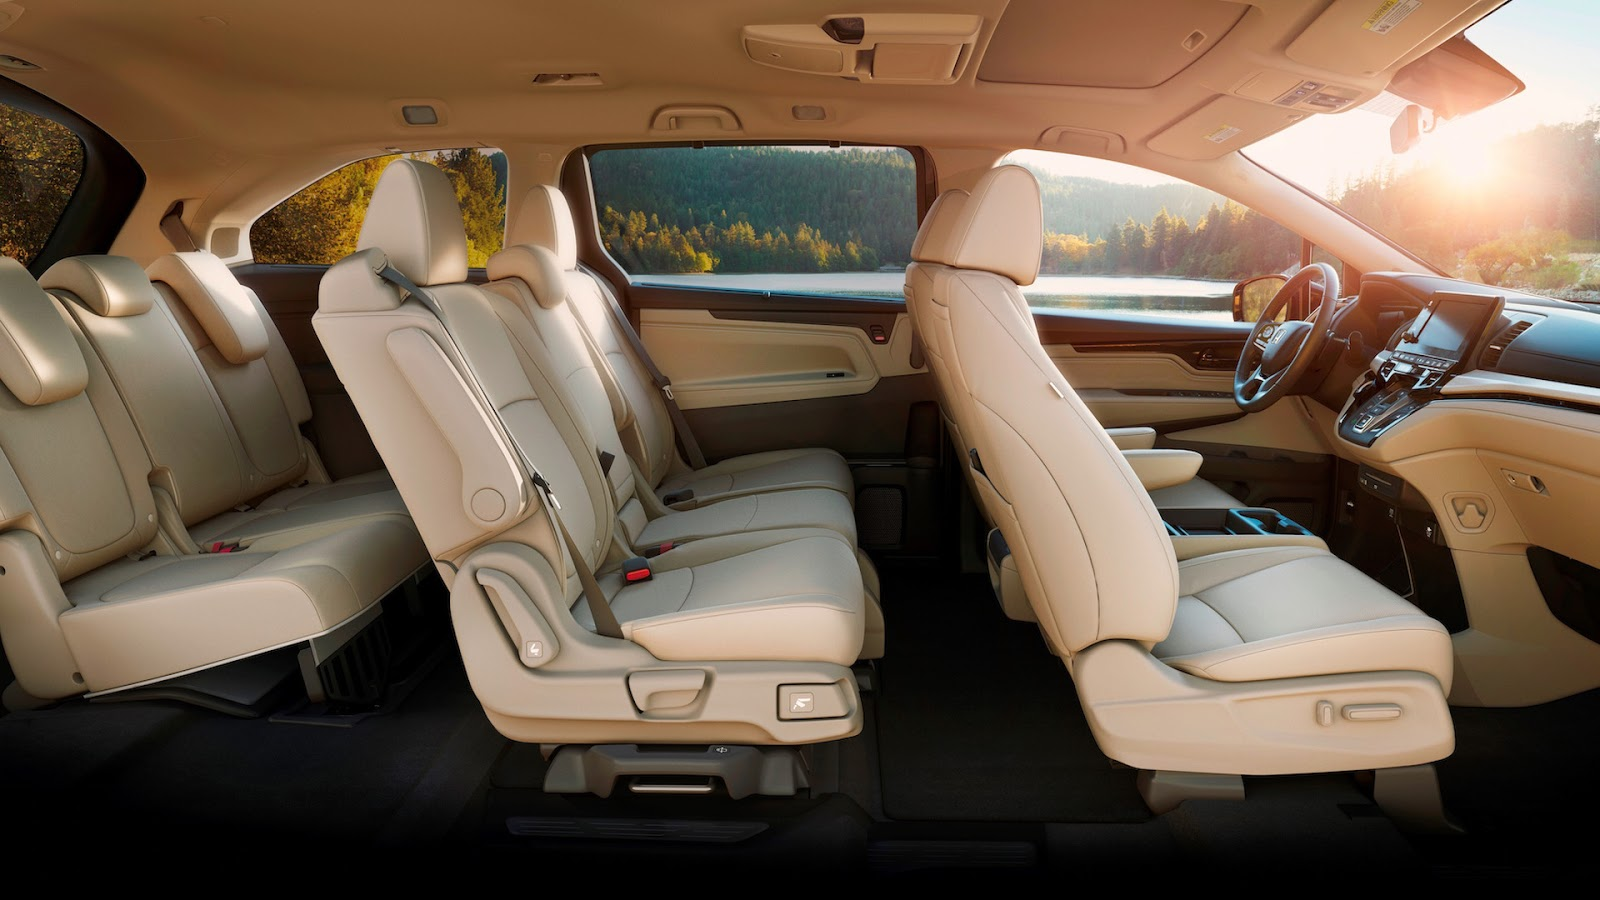 Honda Odyssey 2018 thêm tính năng dành riêng cho gia đình - ảnh 9